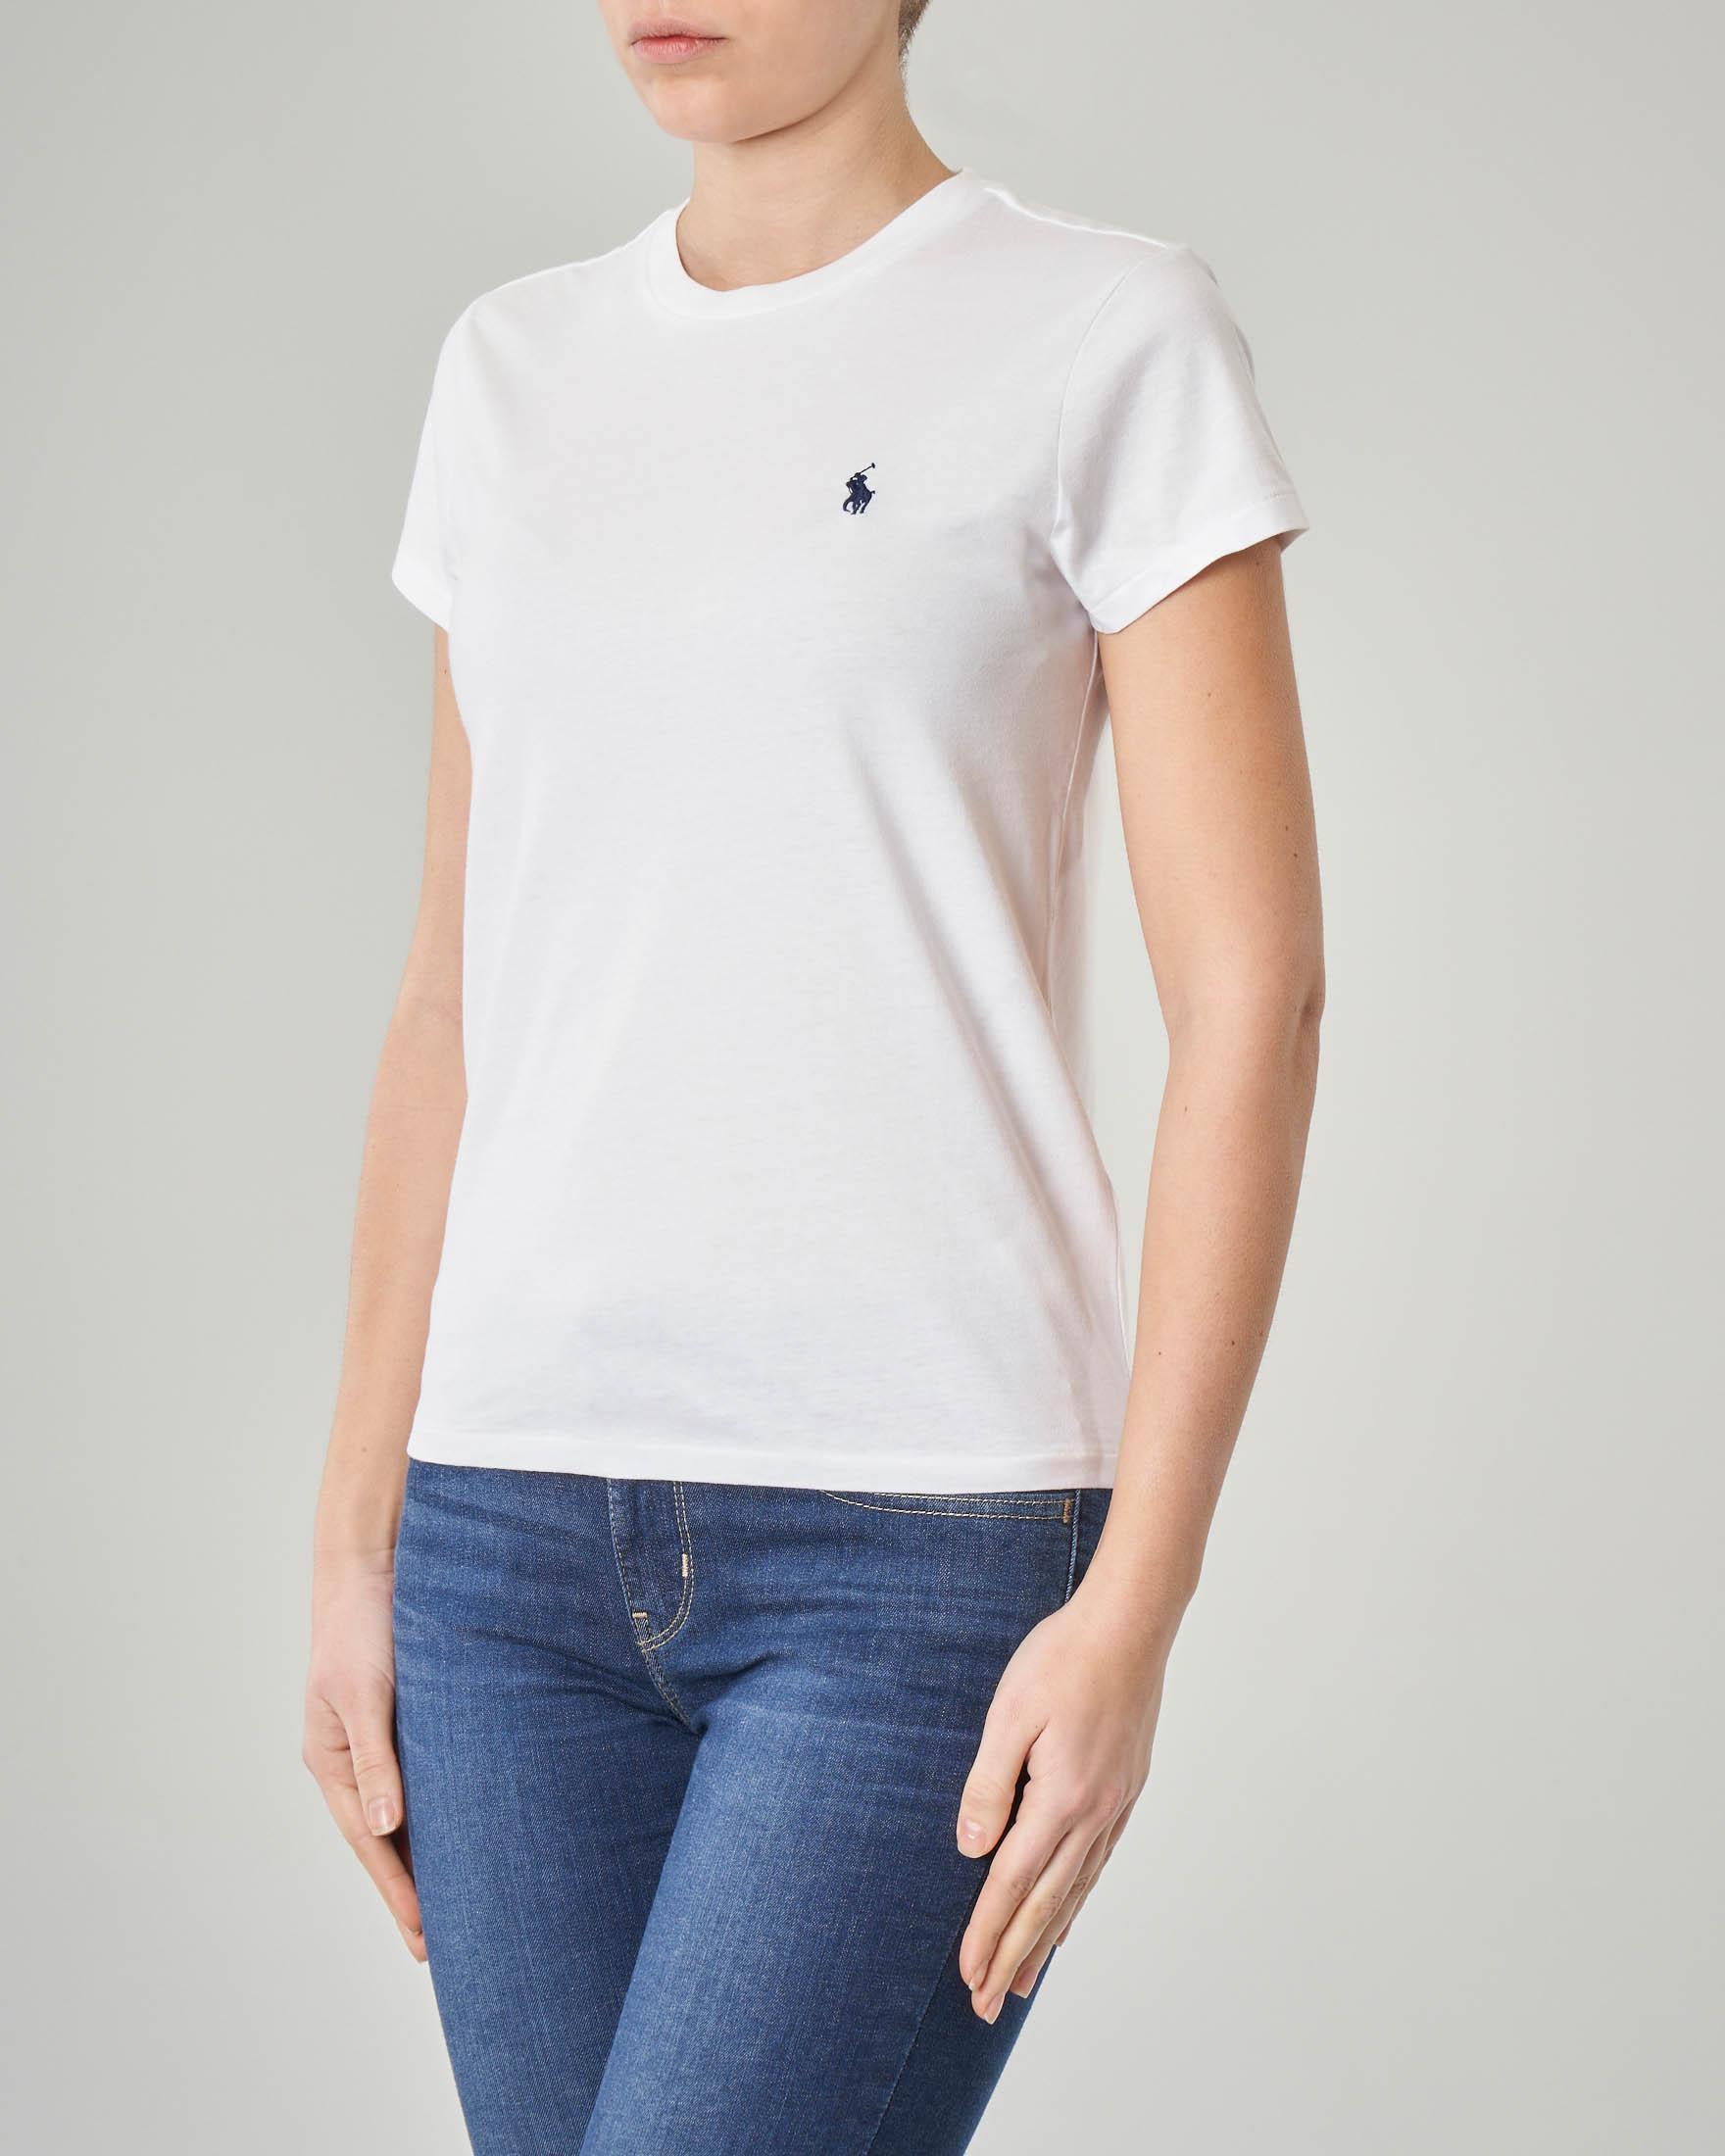 a72b6905eace T-shirt bianca manica corta · Polo Ralph Lauren